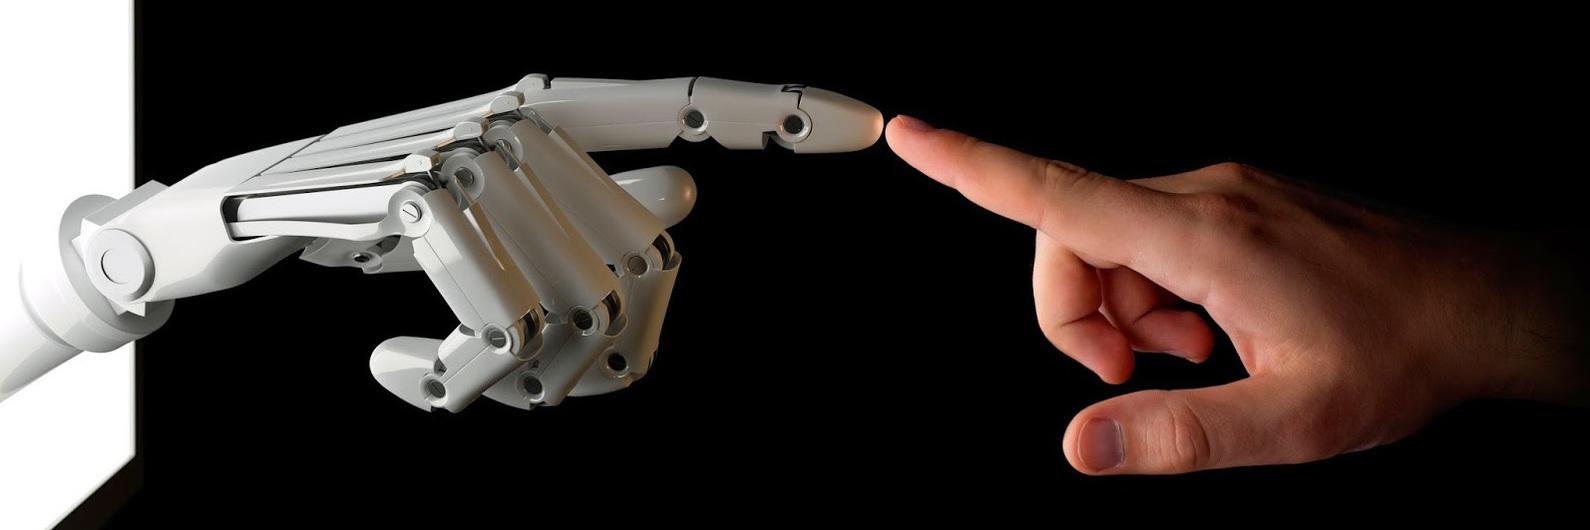 """IBM """"confirma"""" que robots podem substituir humanos no trabalho. Médicos incluídos"""